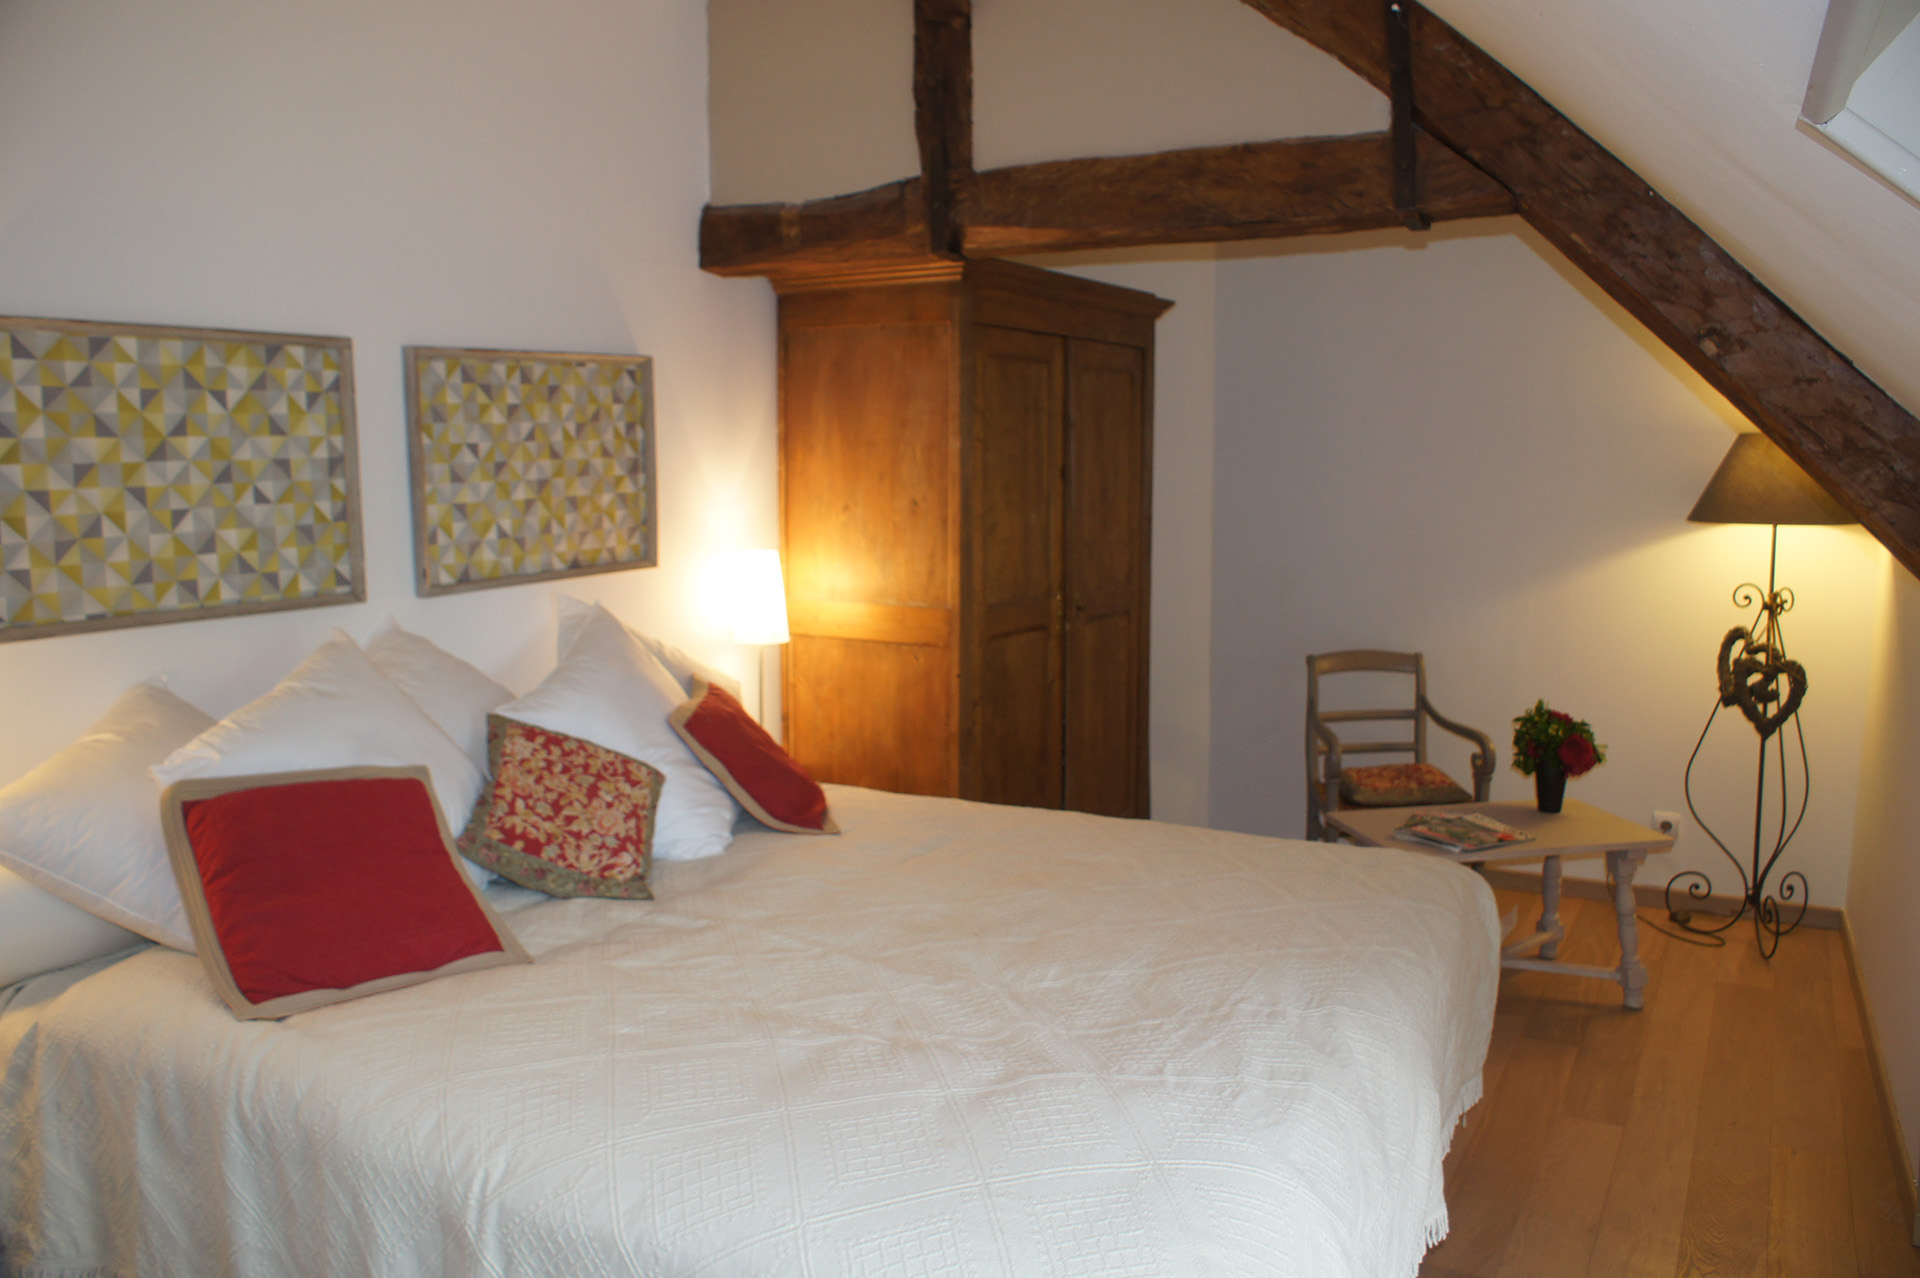 Chambres d'hôtes avec piscine et restaurant à Houdan Yvelines, France